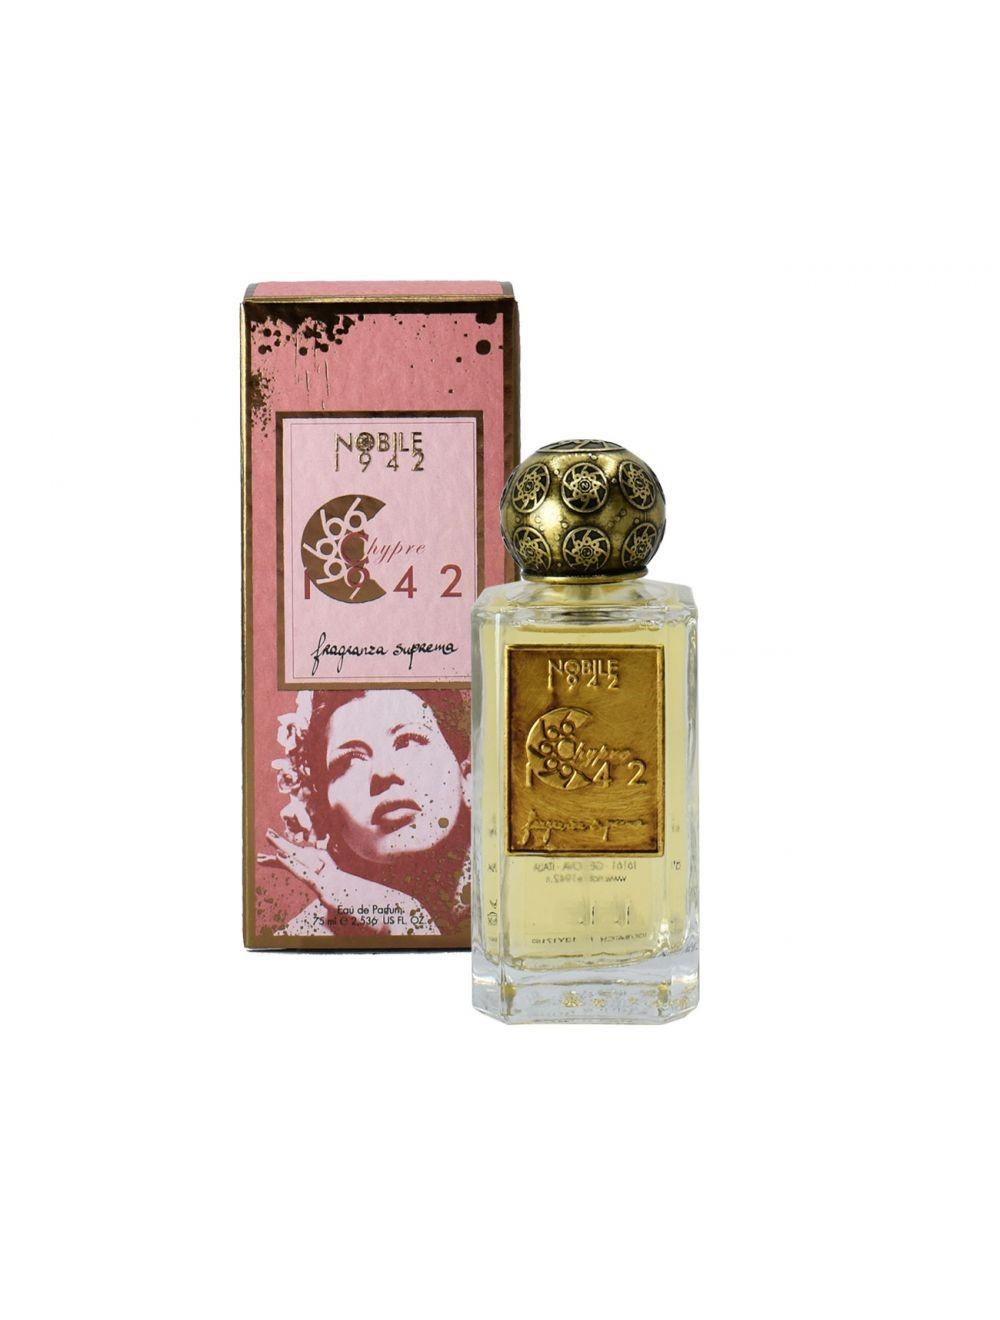 Nobile 1942 - Chypre - Fraganza Suprema - Eau de Parfum 75 ml